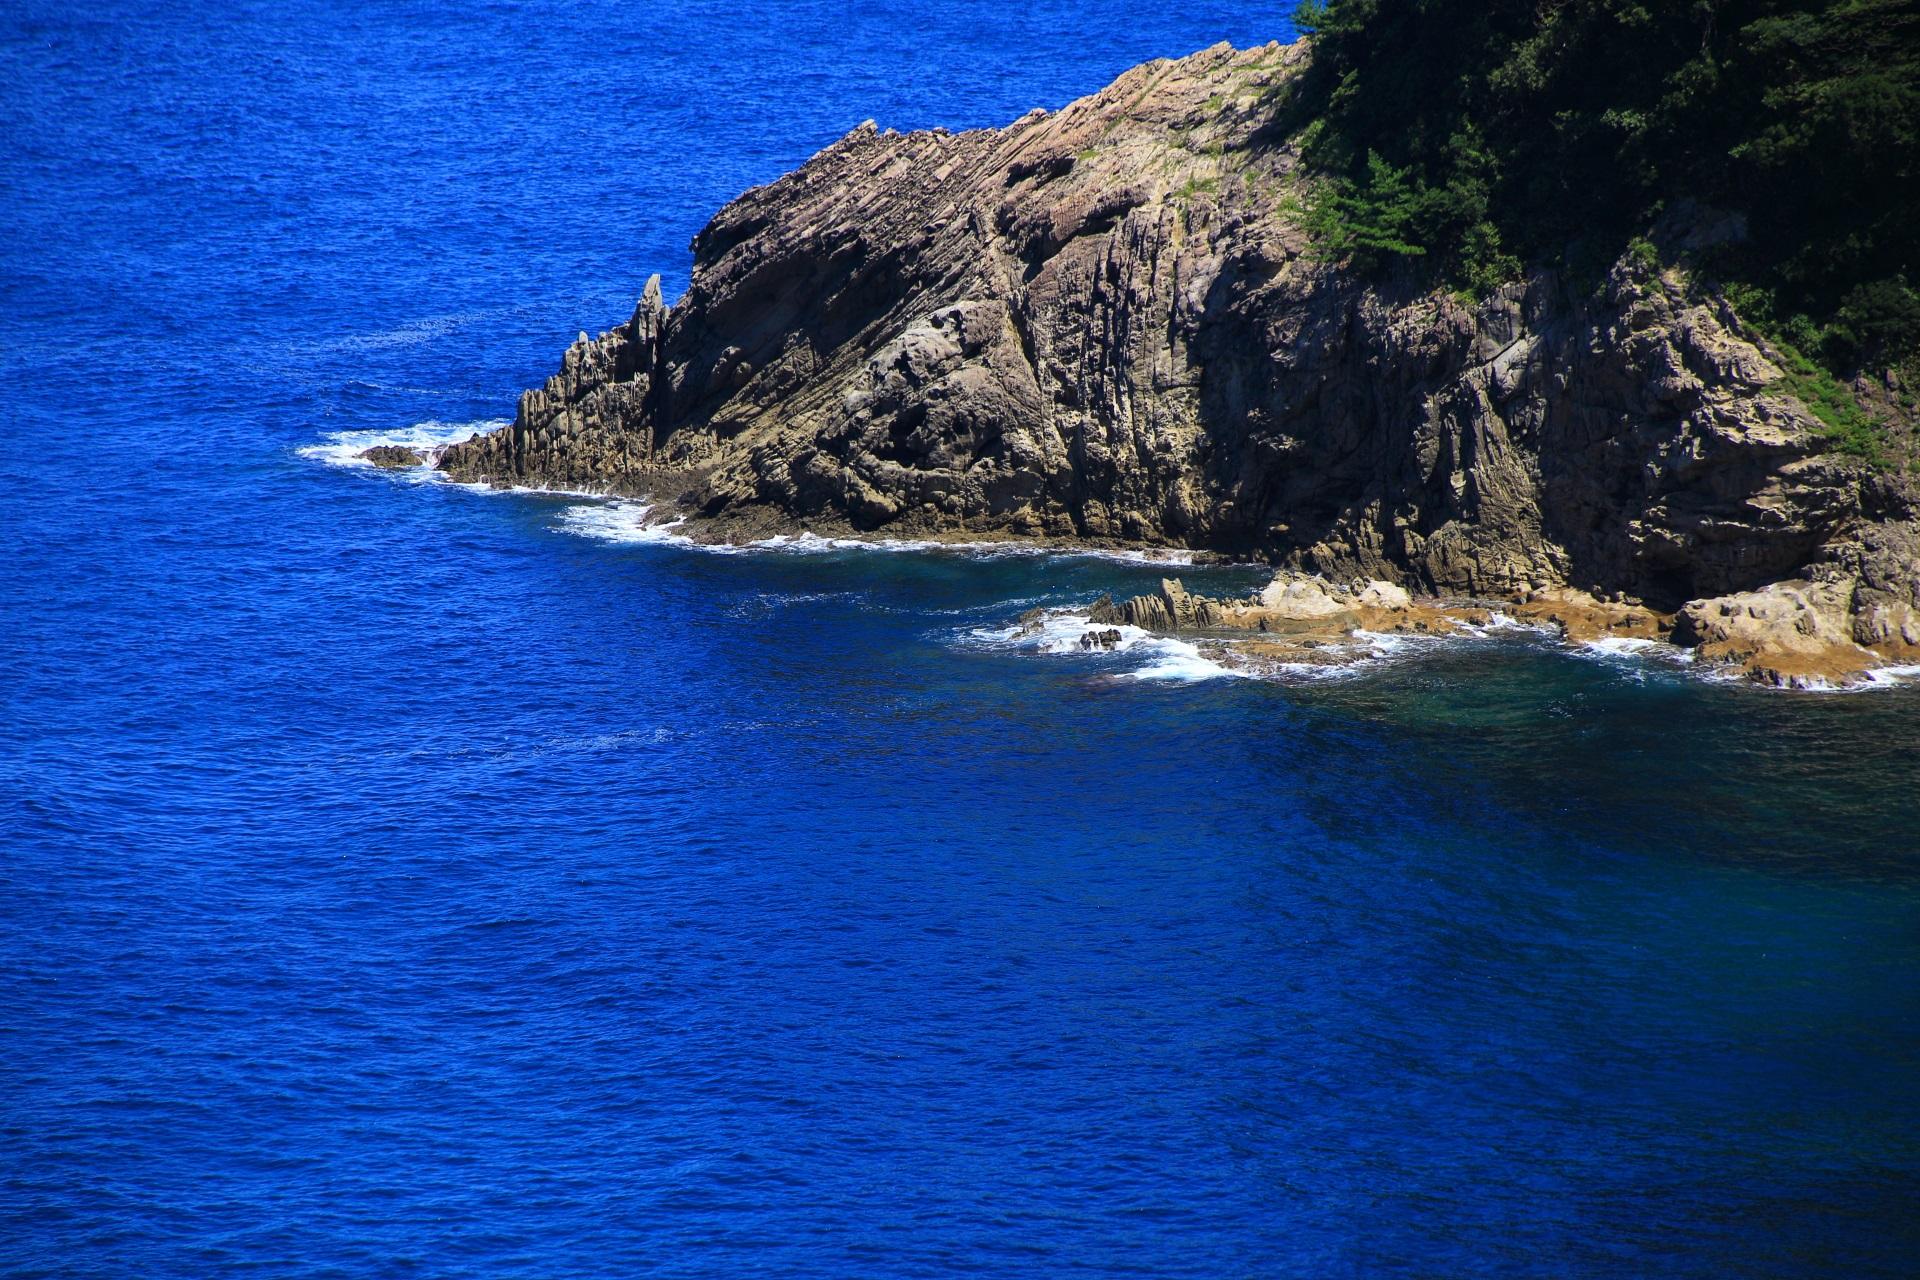 カマヤ海岸の波に削られた険しい岩場